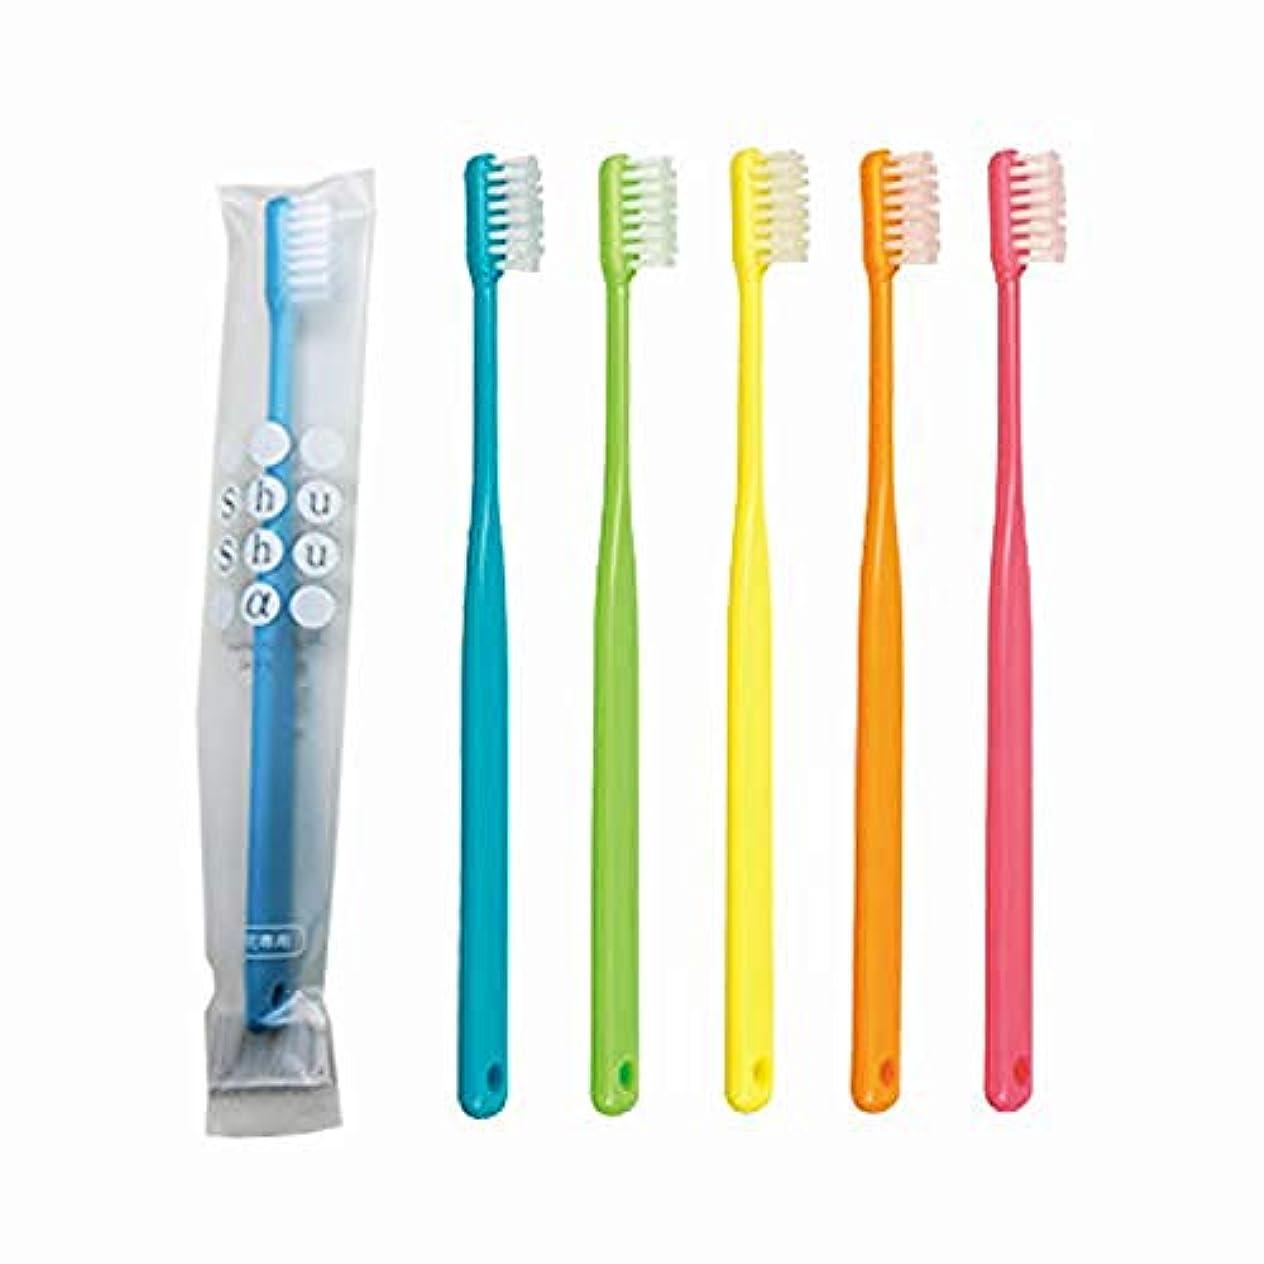 笑いまどろみのある軽量歯科専売品 大人用歯ブラシ FEED Shu Shu α(シュシュアルファ)×20本 S (やわらかめ)